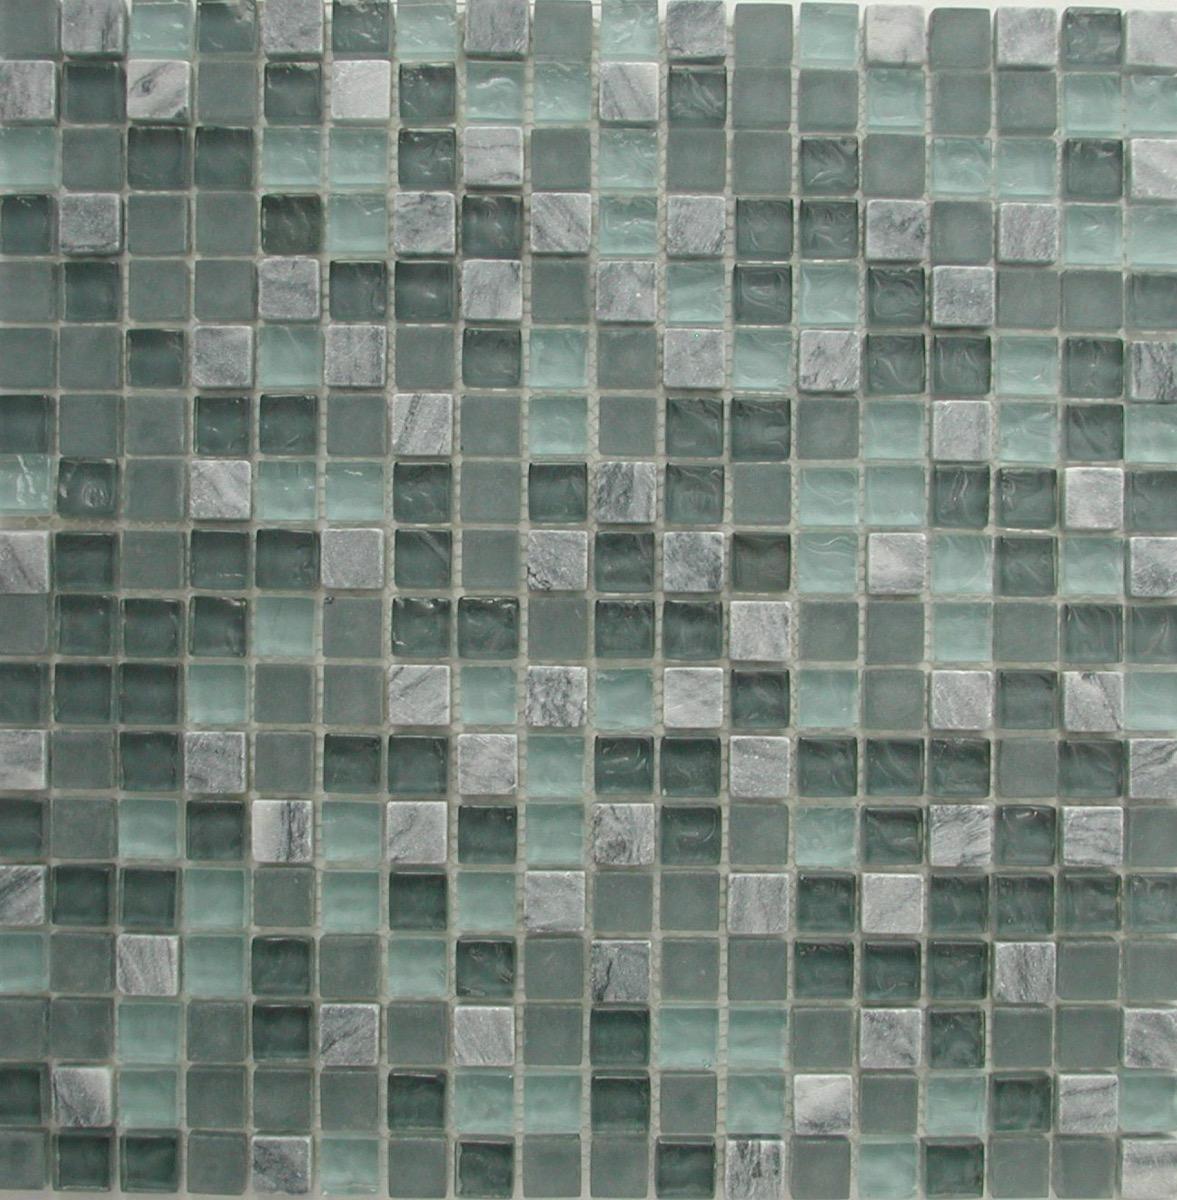 bleu mosaique mix bleu turquoise fonce et marbre gris pate de verre vetrocristal plaque 30 cm